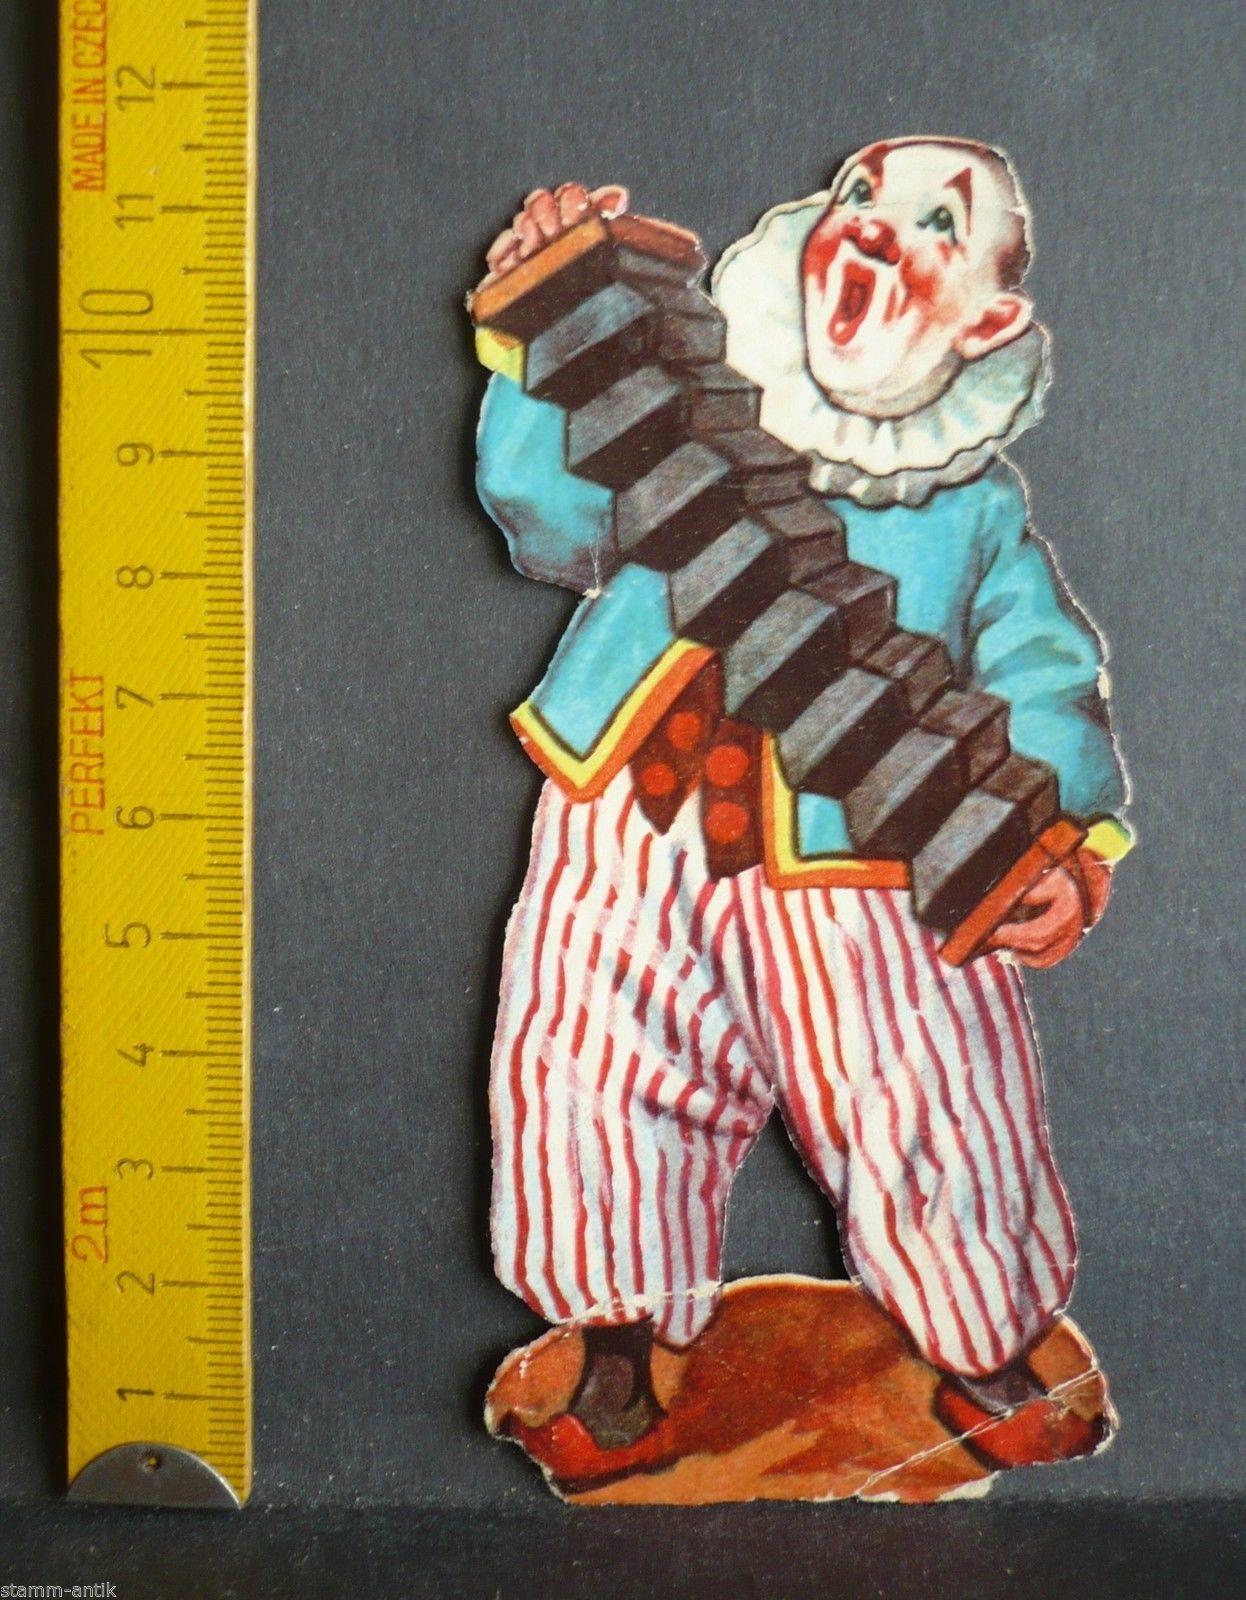 Clown mit Ziehharmonika,alte Oblate,Glanzbilder,Stammbuchbild in Sammeln & Seltenes, Büro, Papier & Schreiben, Papier & Dokumente | eBay